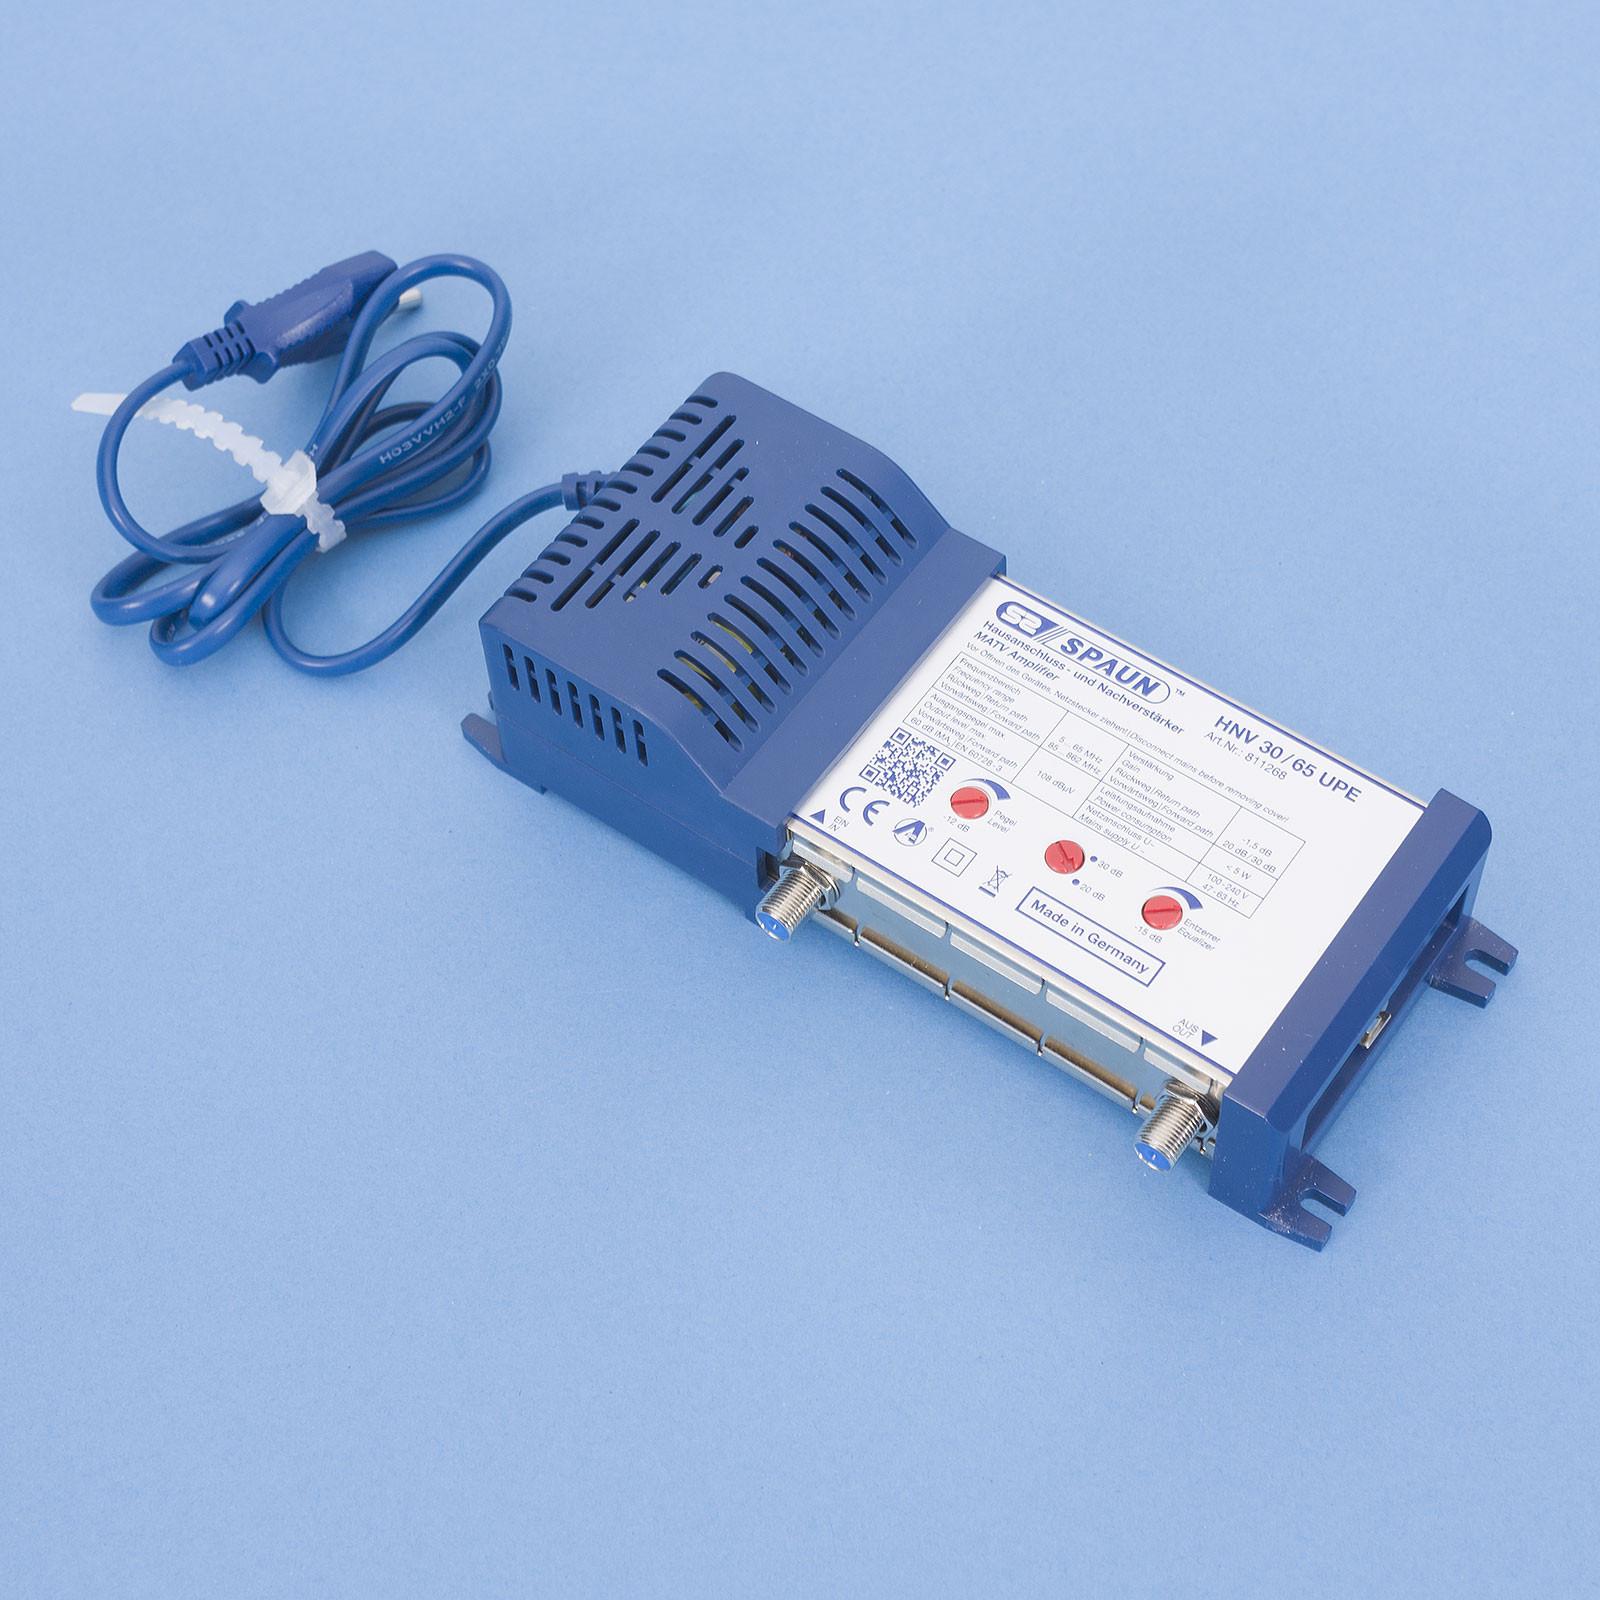 HNV 30/65 UPE Verstärker 20-30dB/862